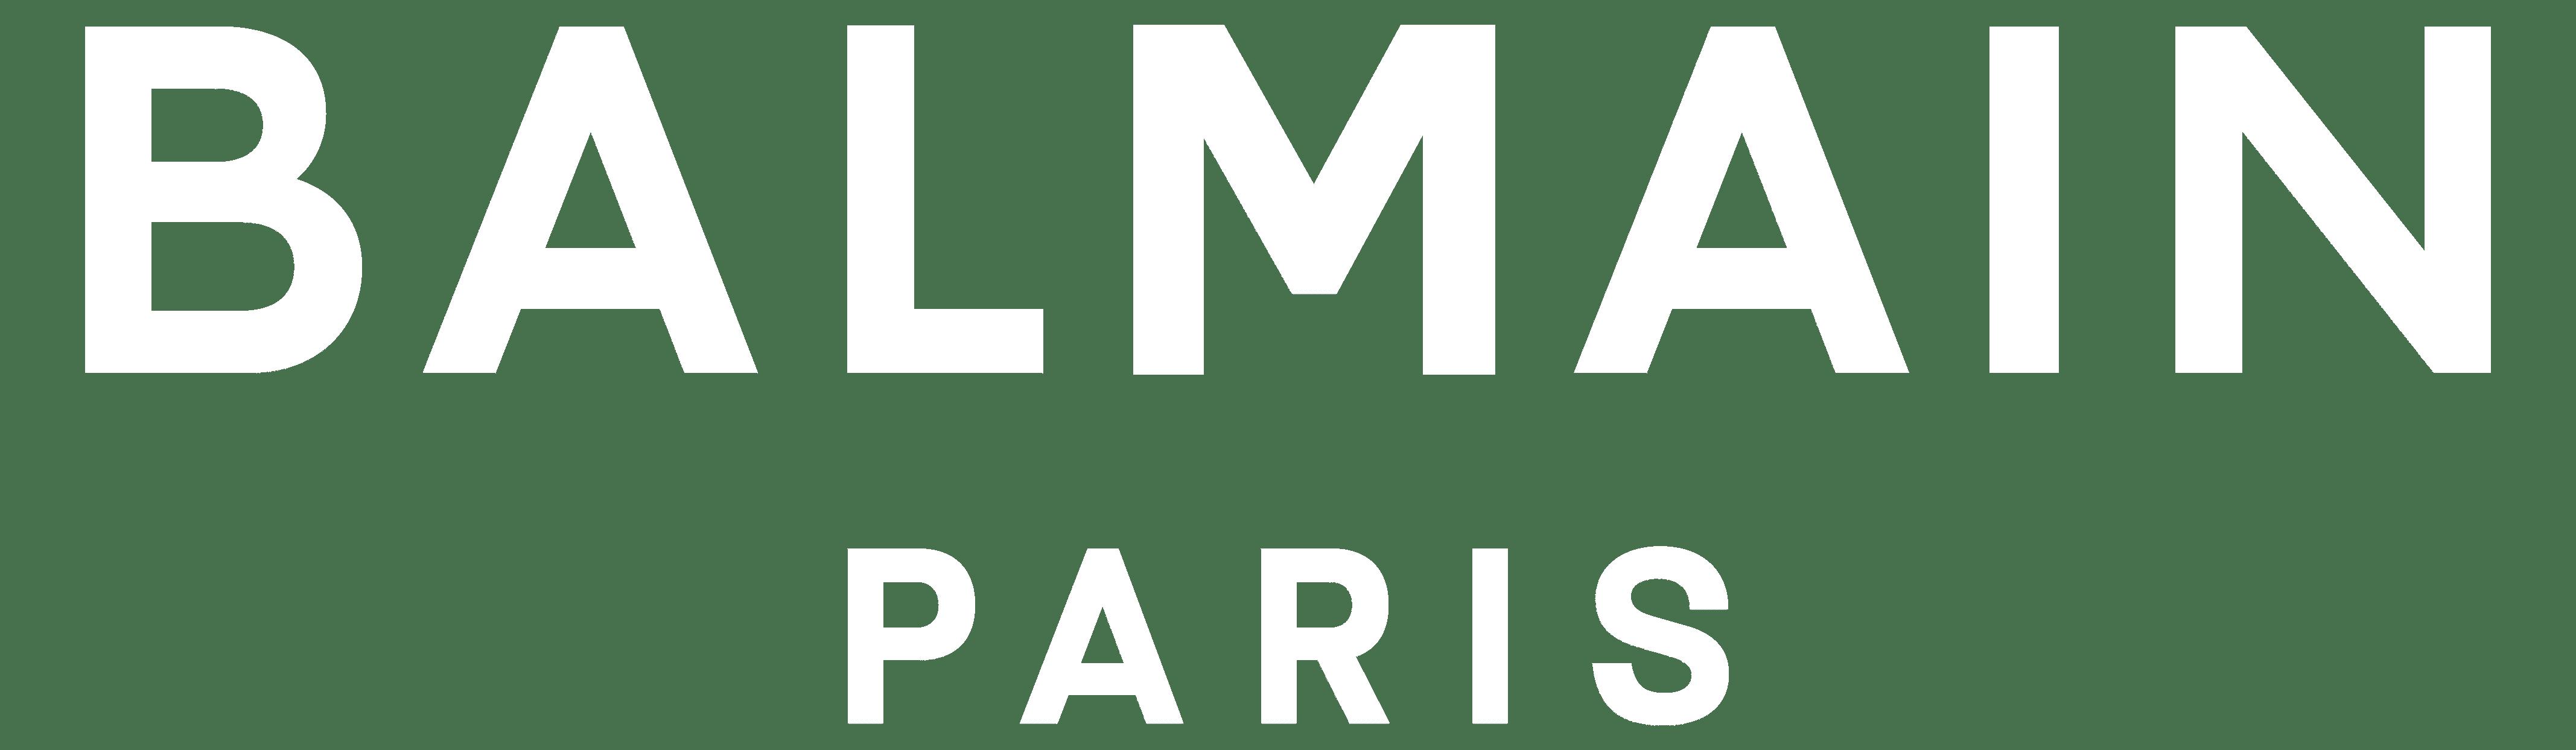 Balmain Paris Le Slip Français